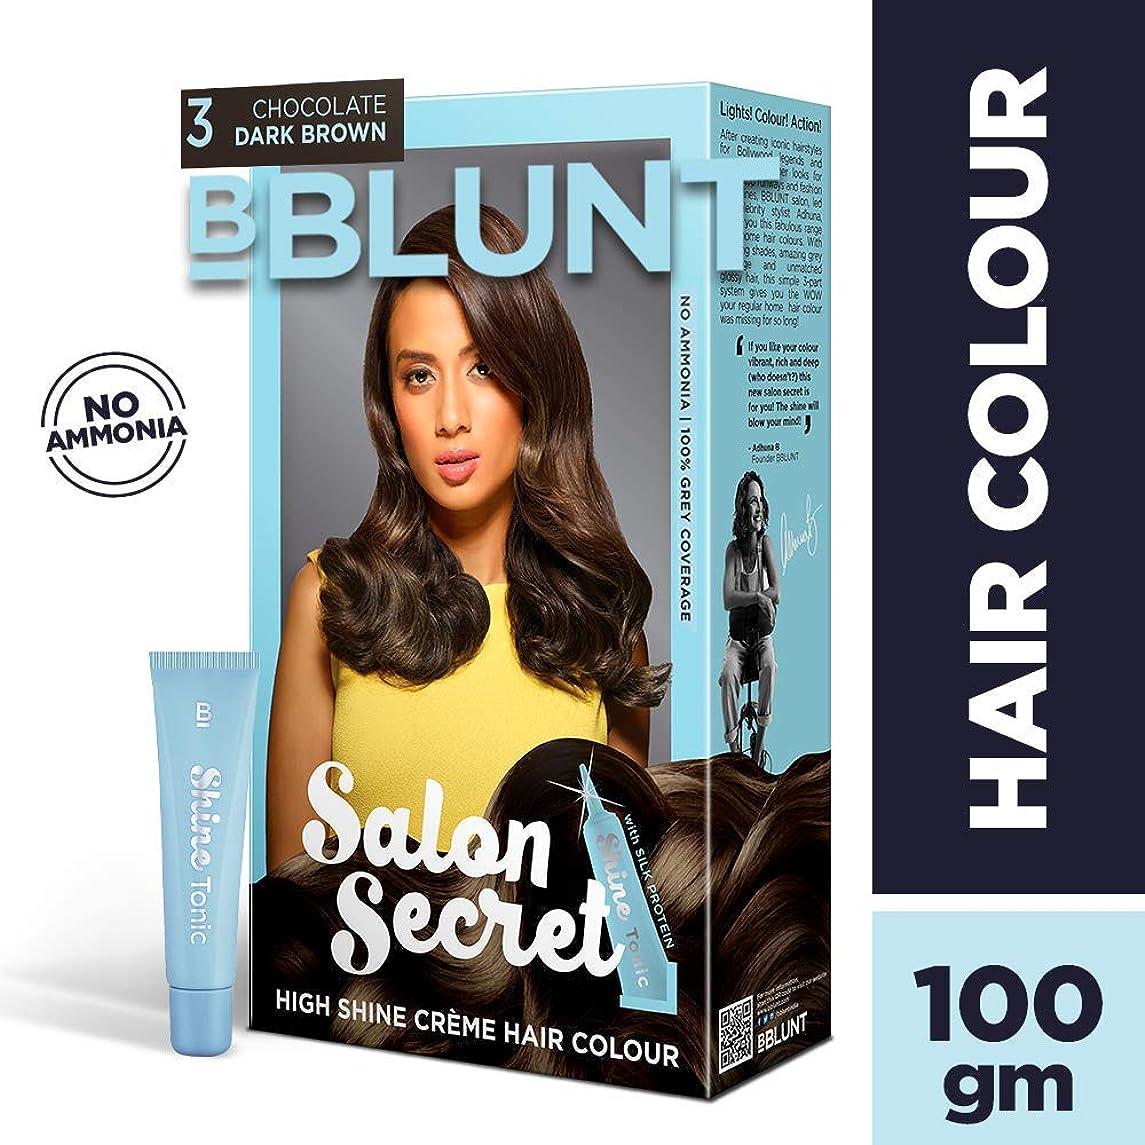 正統派乗って技術的なBBLUNT Salon Secret High Shine Creme Hair Colour, Chocolate Dark Brown 3, 100g with Shine Tonic, 8ml